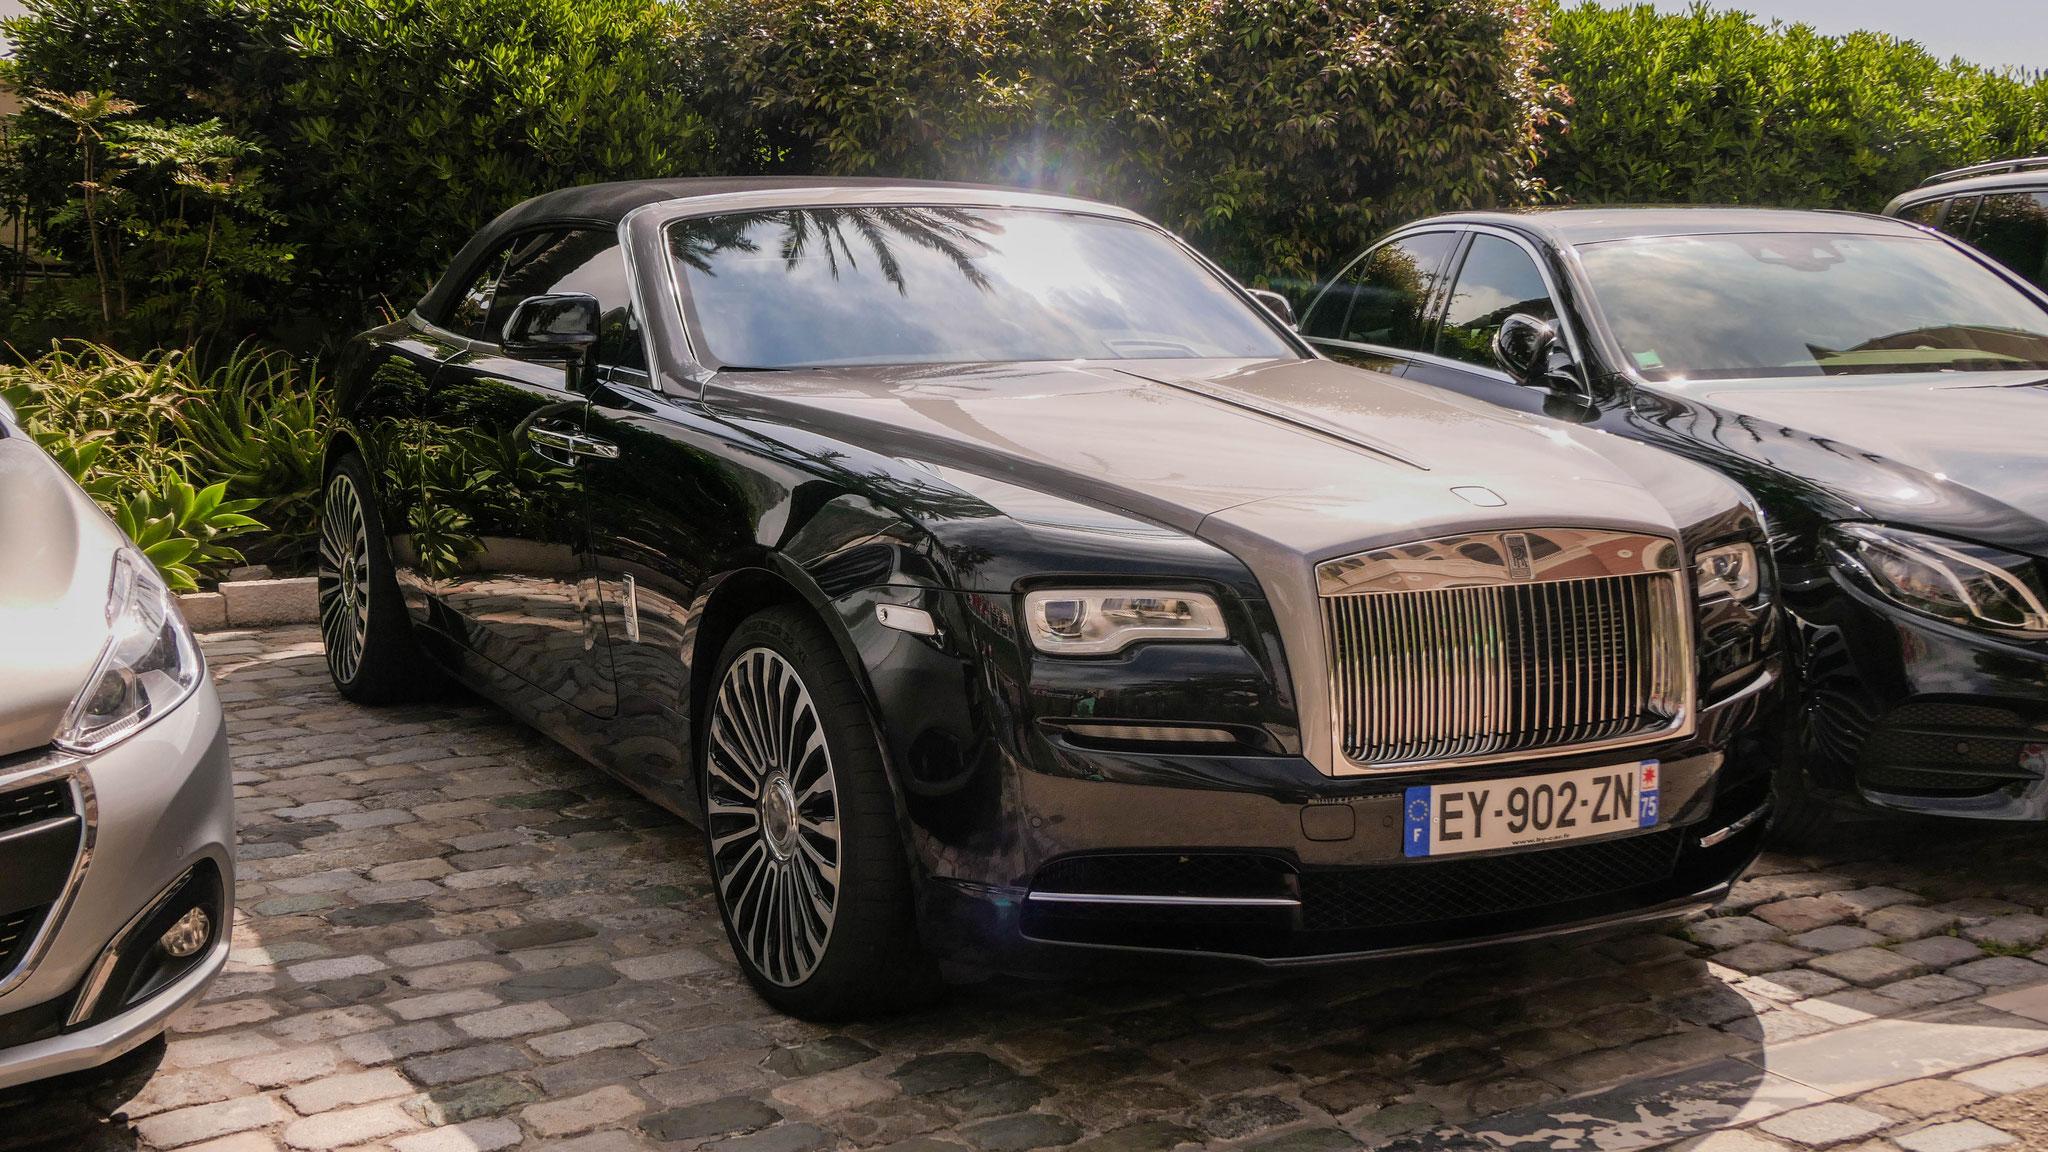 Rolls Royce Dawn - EY-902-ZN-75 (FRA)